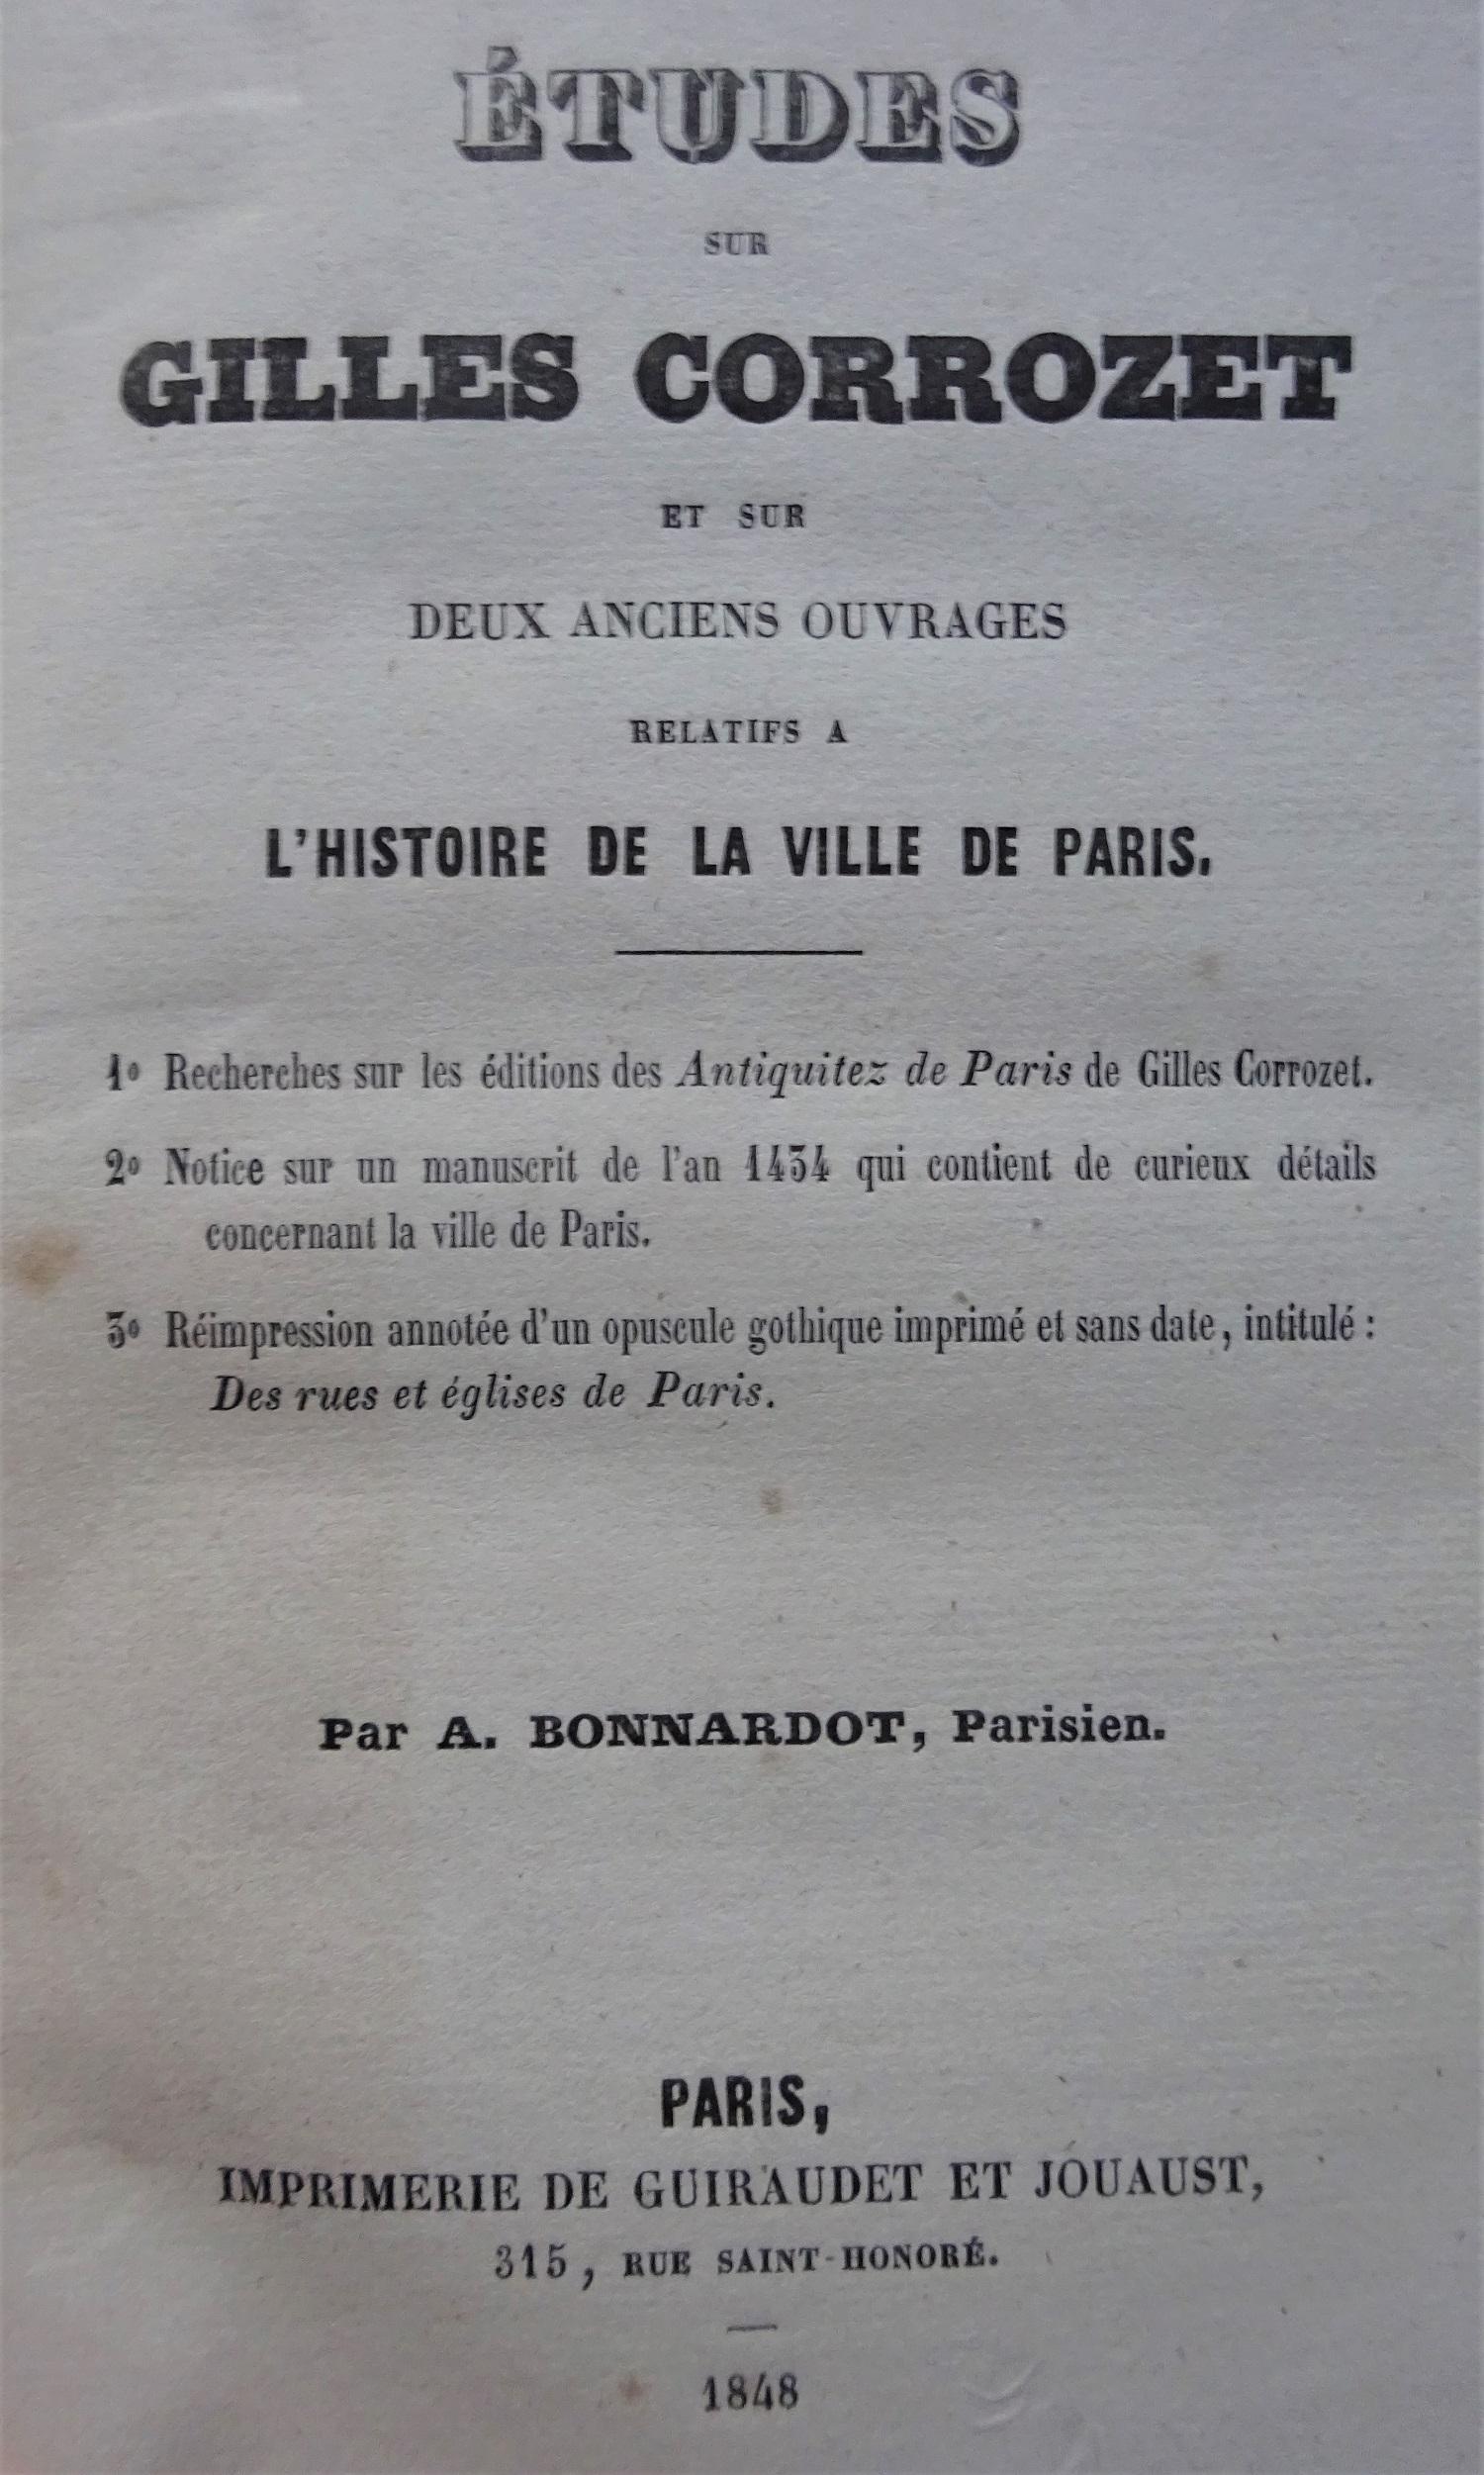 Etudes sur Gilles Corrozet et sur deux anciens ouvrages relatifs à l'histoire de la ville de Paris